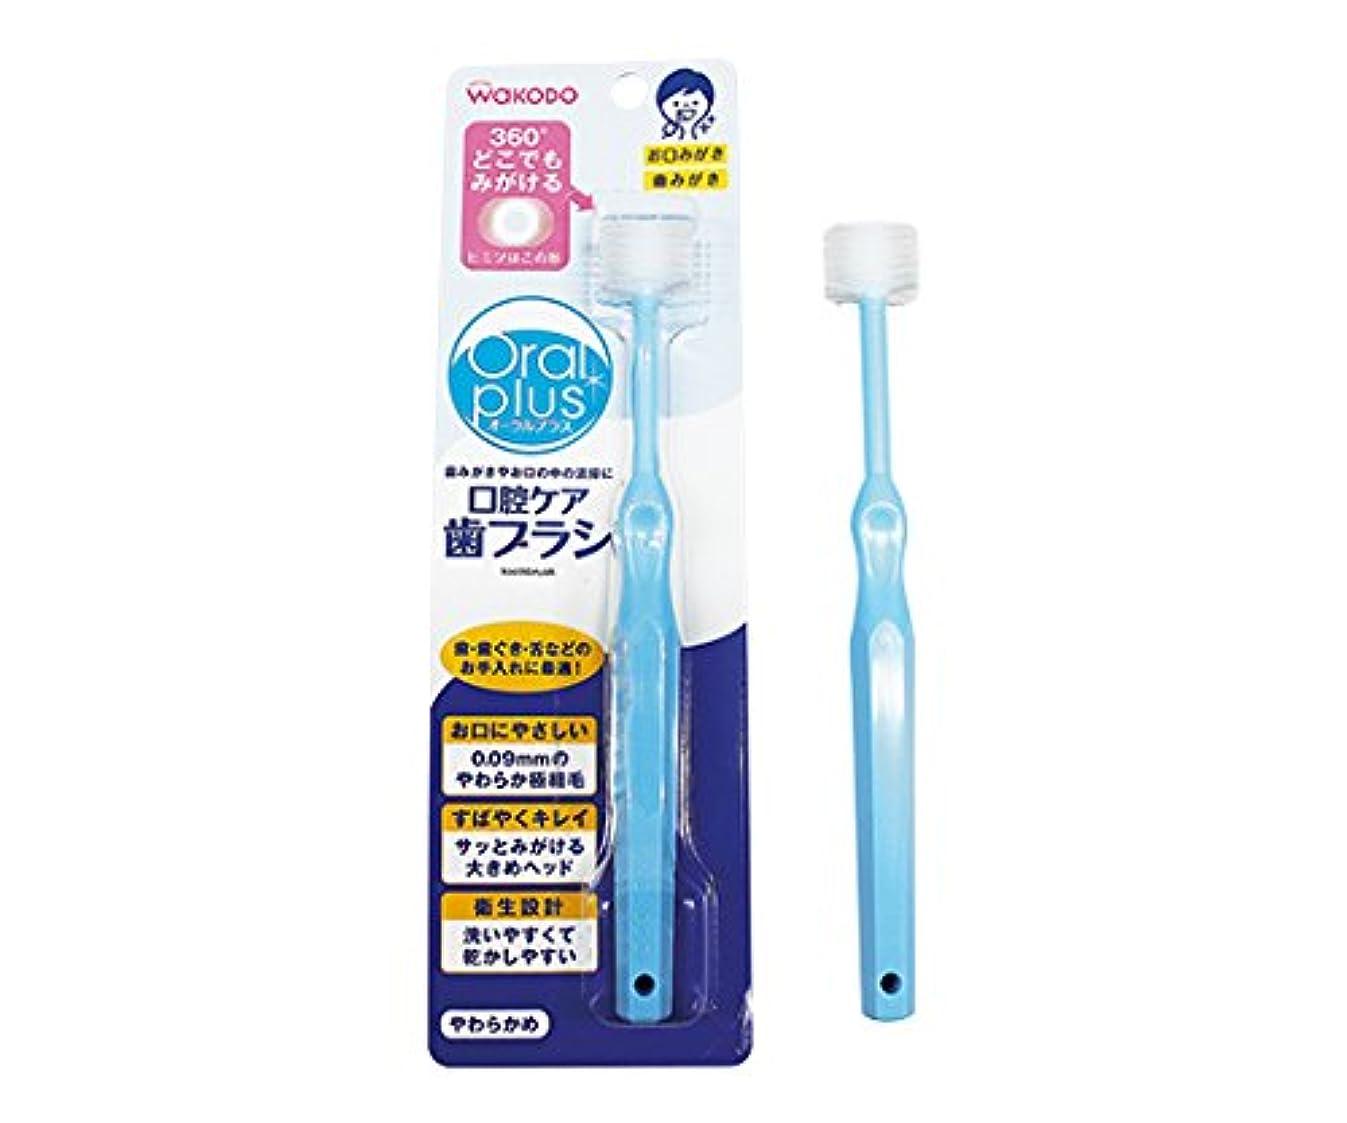 未亡人フリースびっくり和光堂7-3498-01口腔ケア歯ブラシ(オーラルプラス)